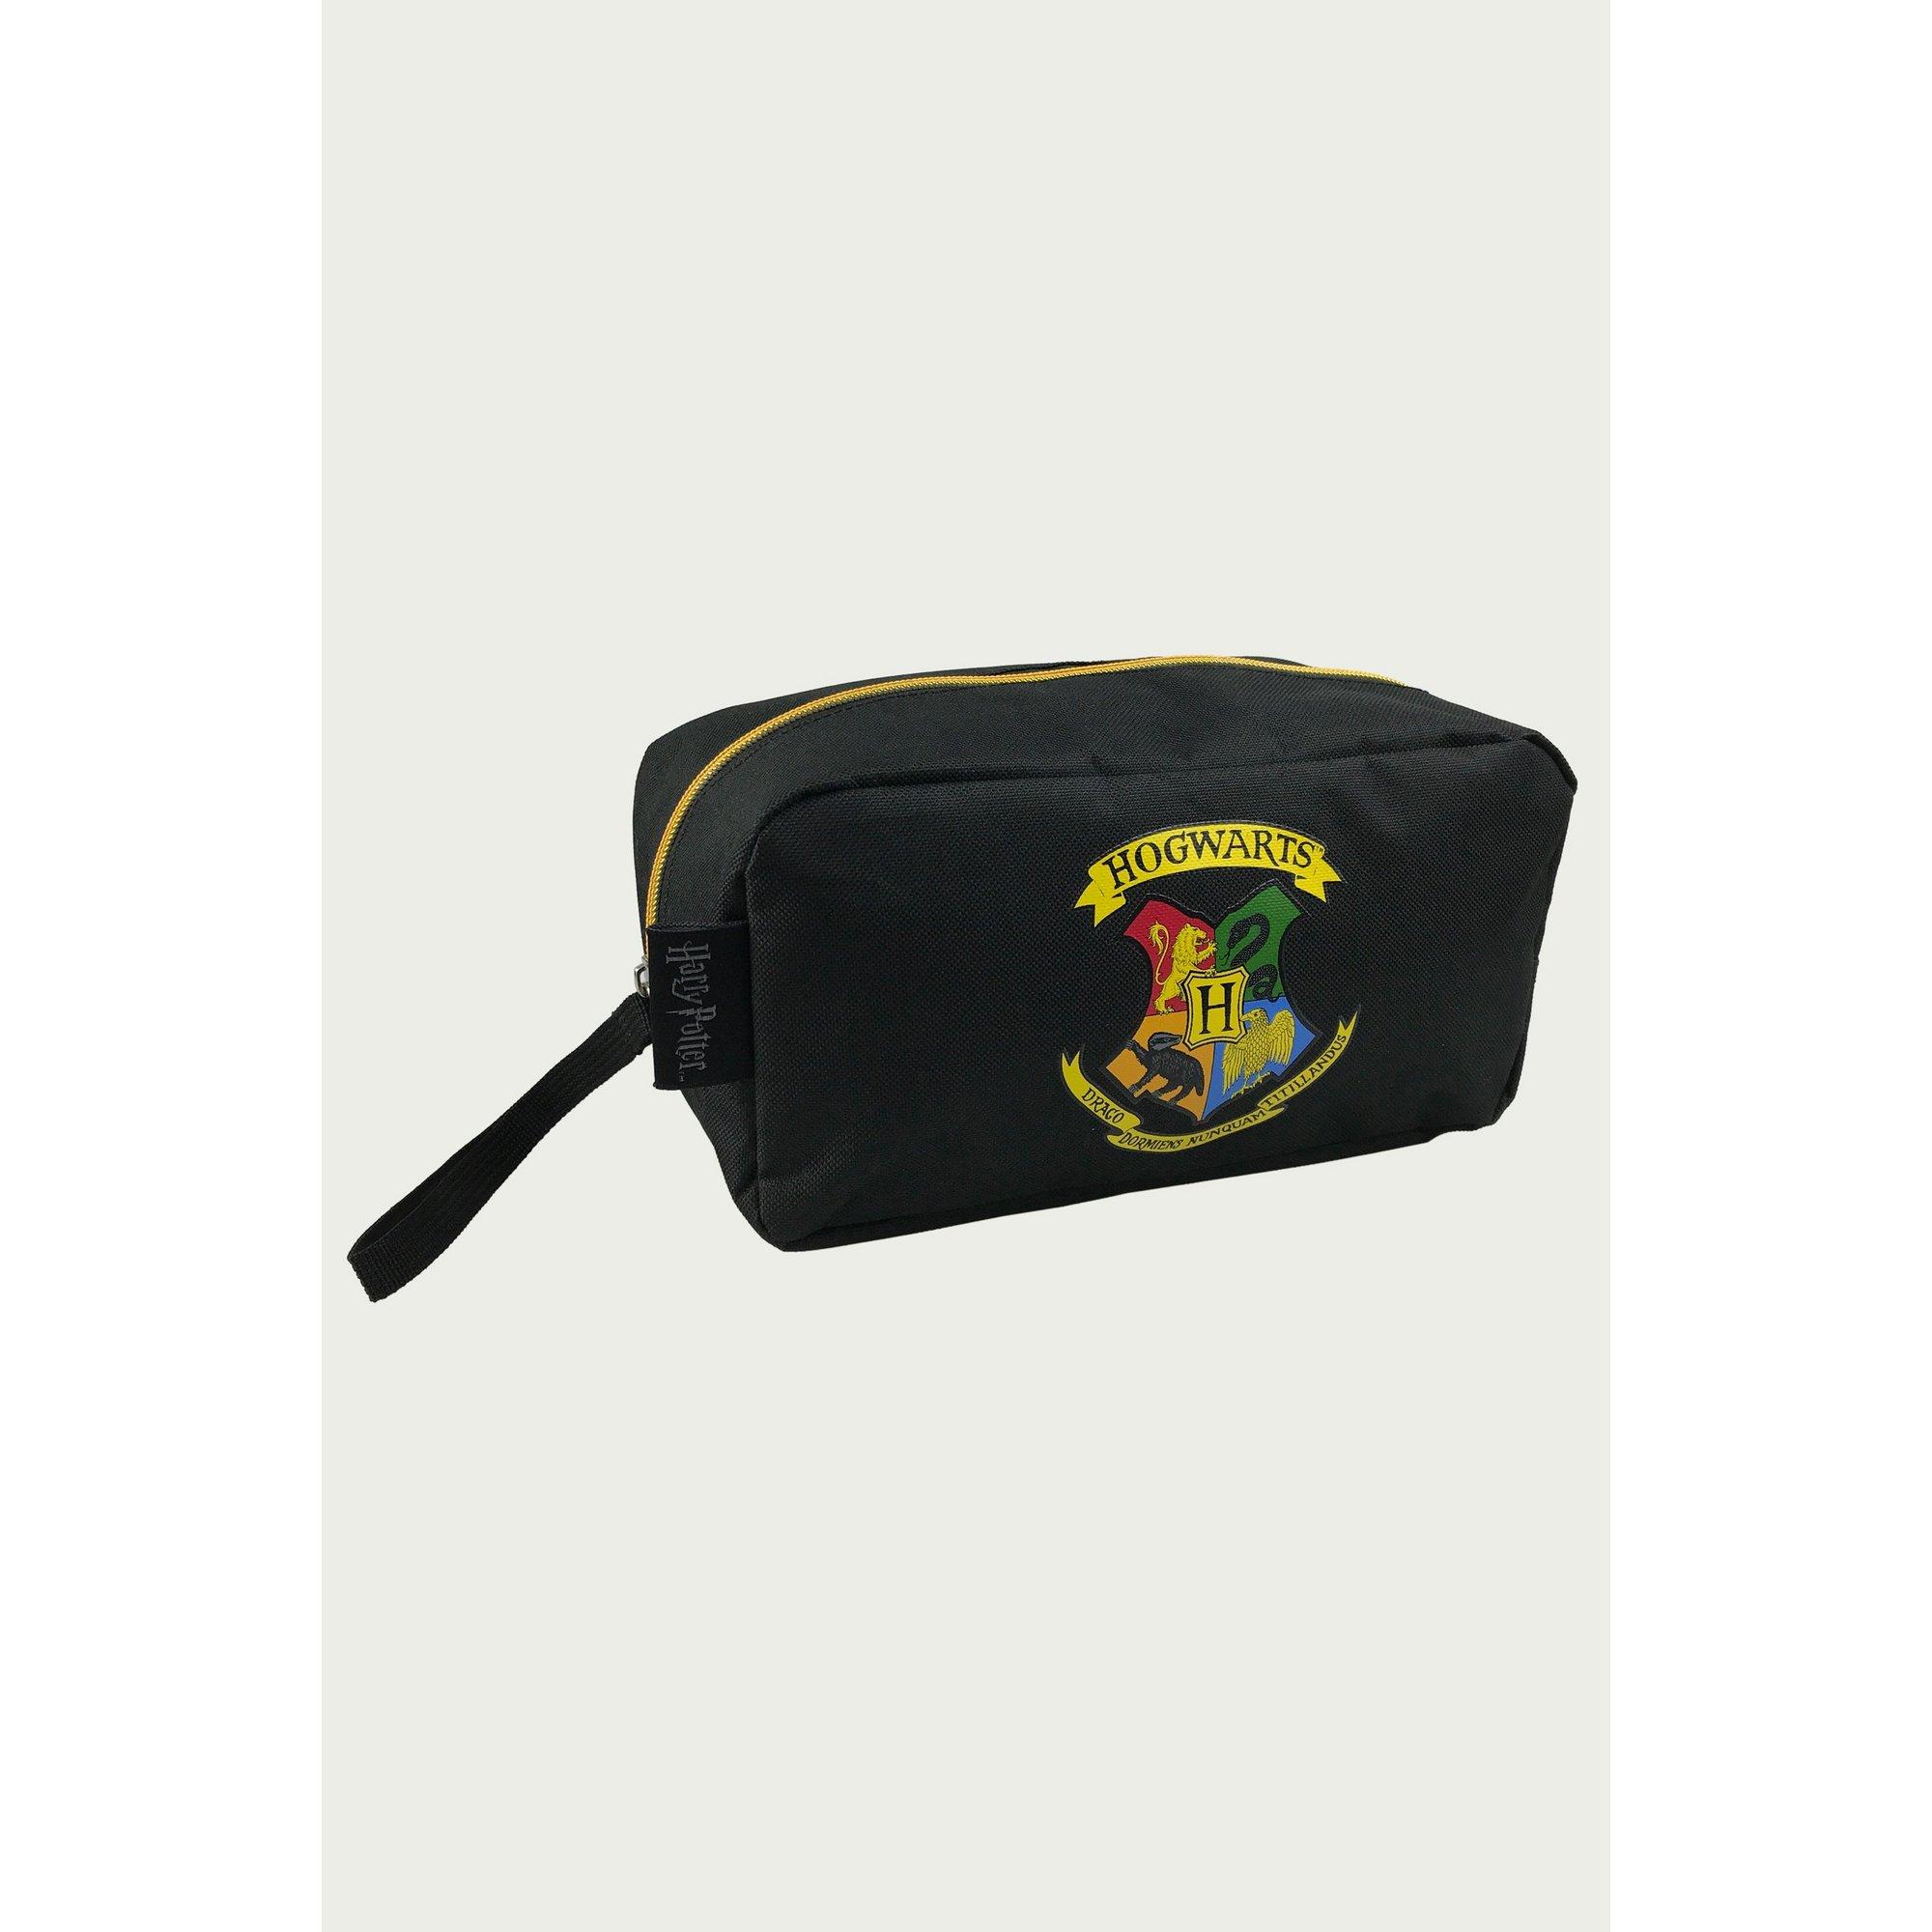 Image of Hogwarts Harry Potter Mens Wash Bag